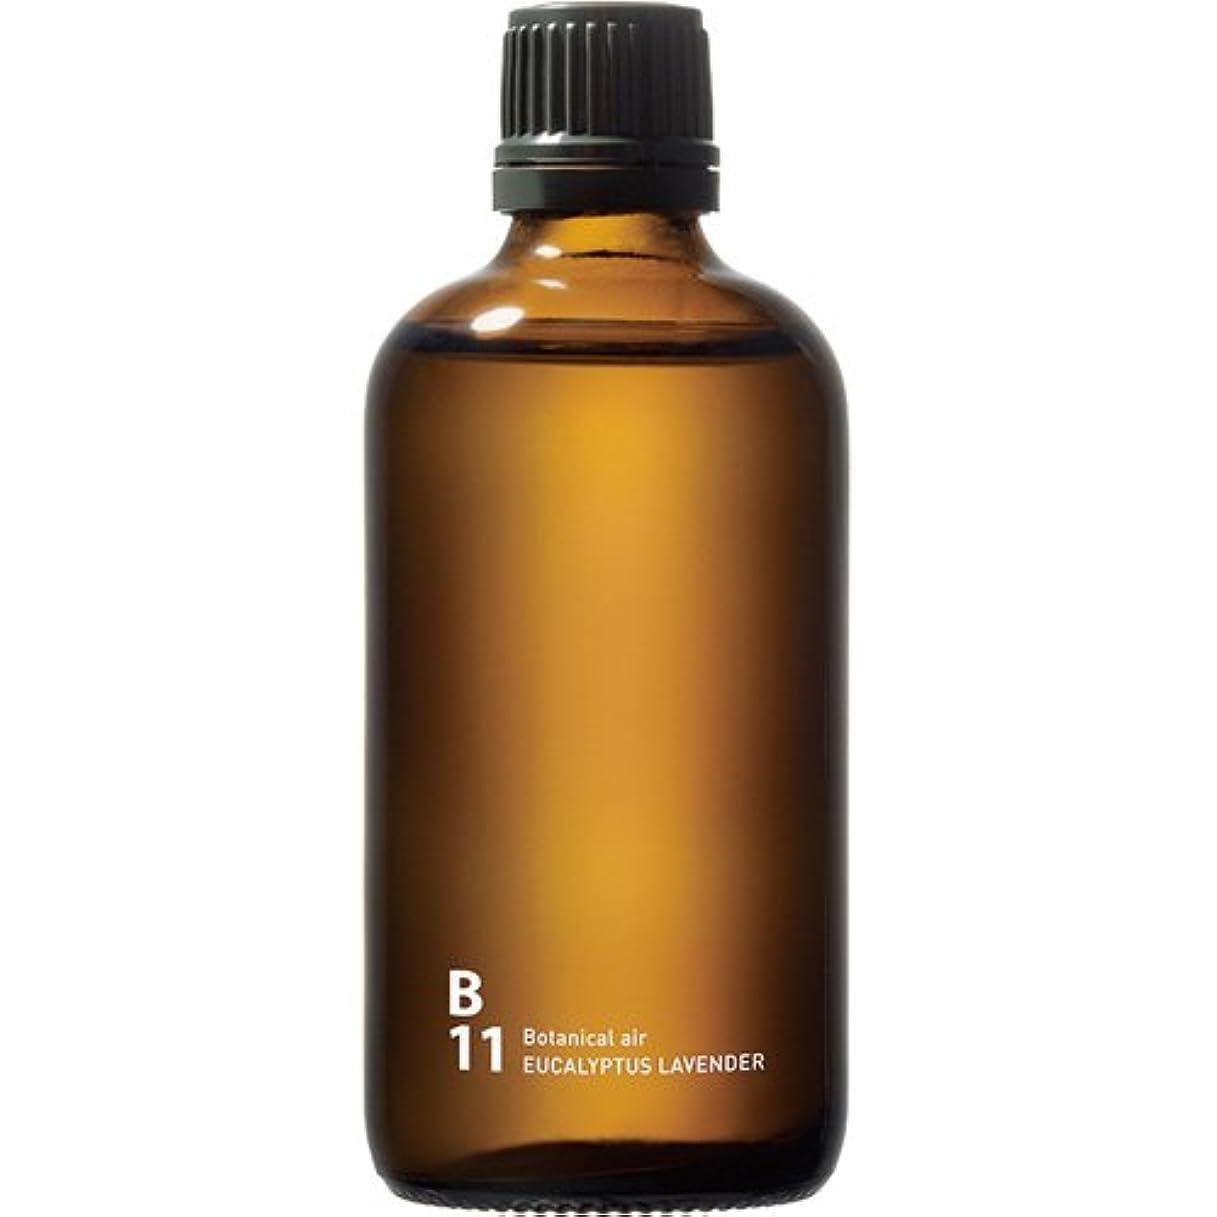 機会ますます直立B11 EUCALYPTUS LAVENDER piezo aroma oil 100ml